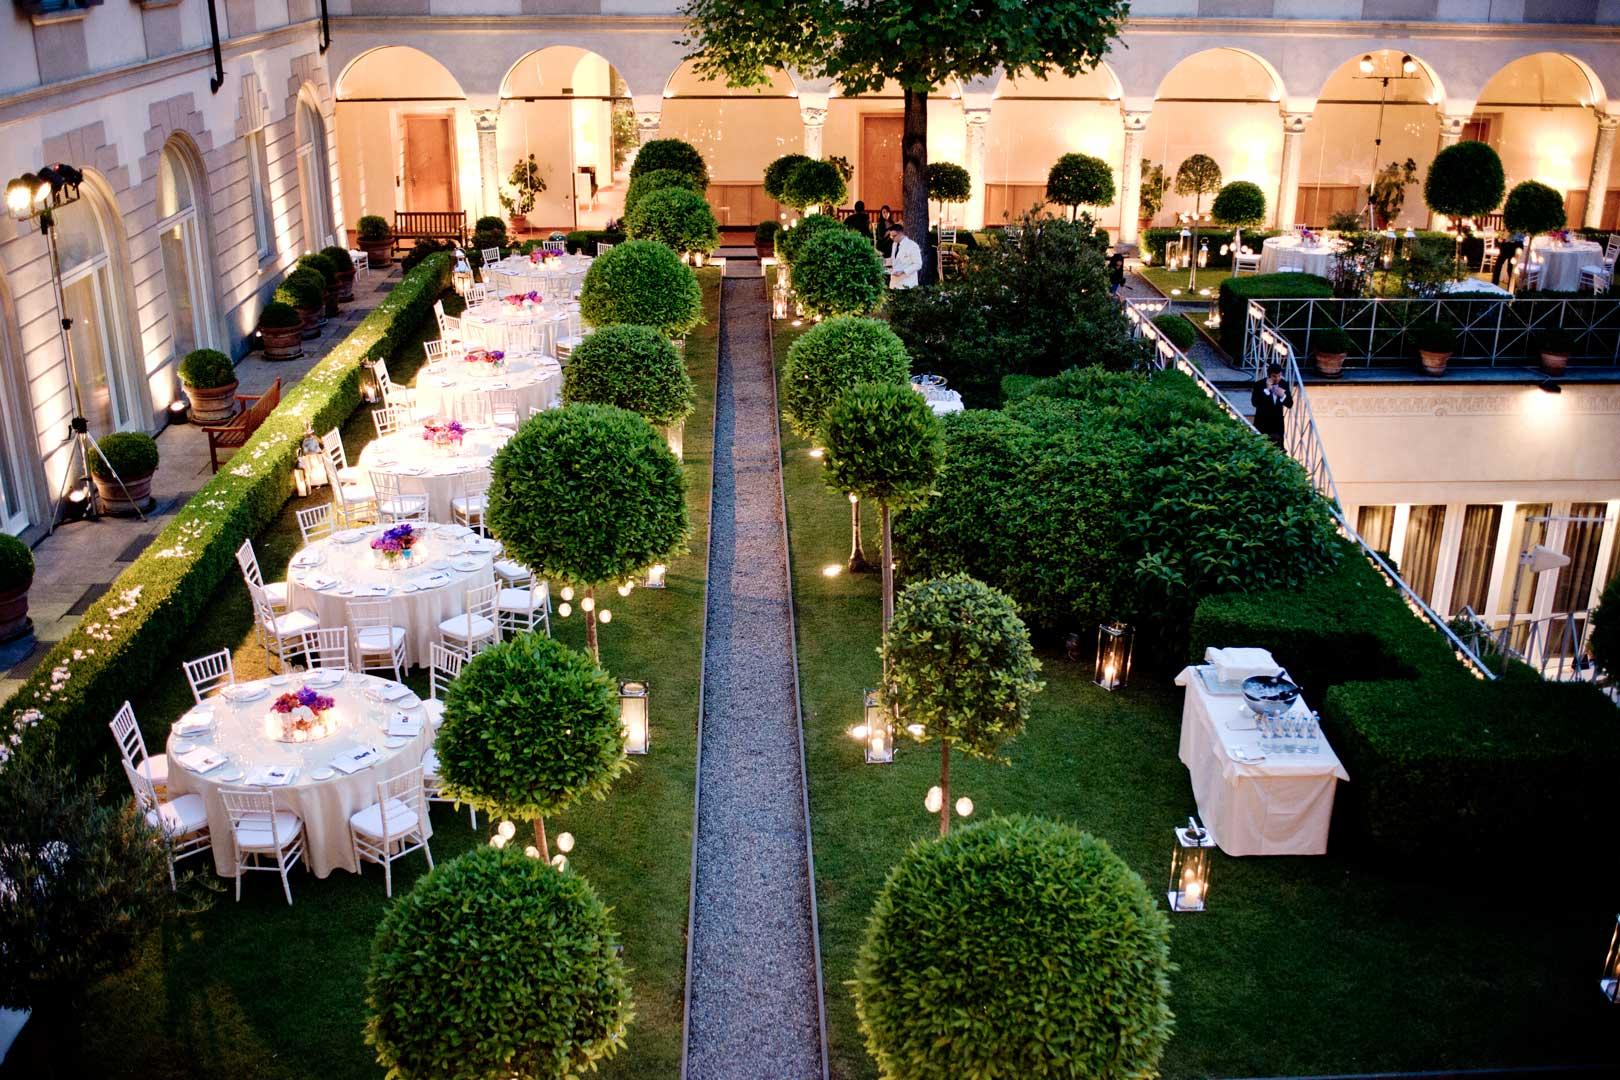 I 5 aperitivi nei giardini degli hotel pi in voga di milano for Hotel the best milano